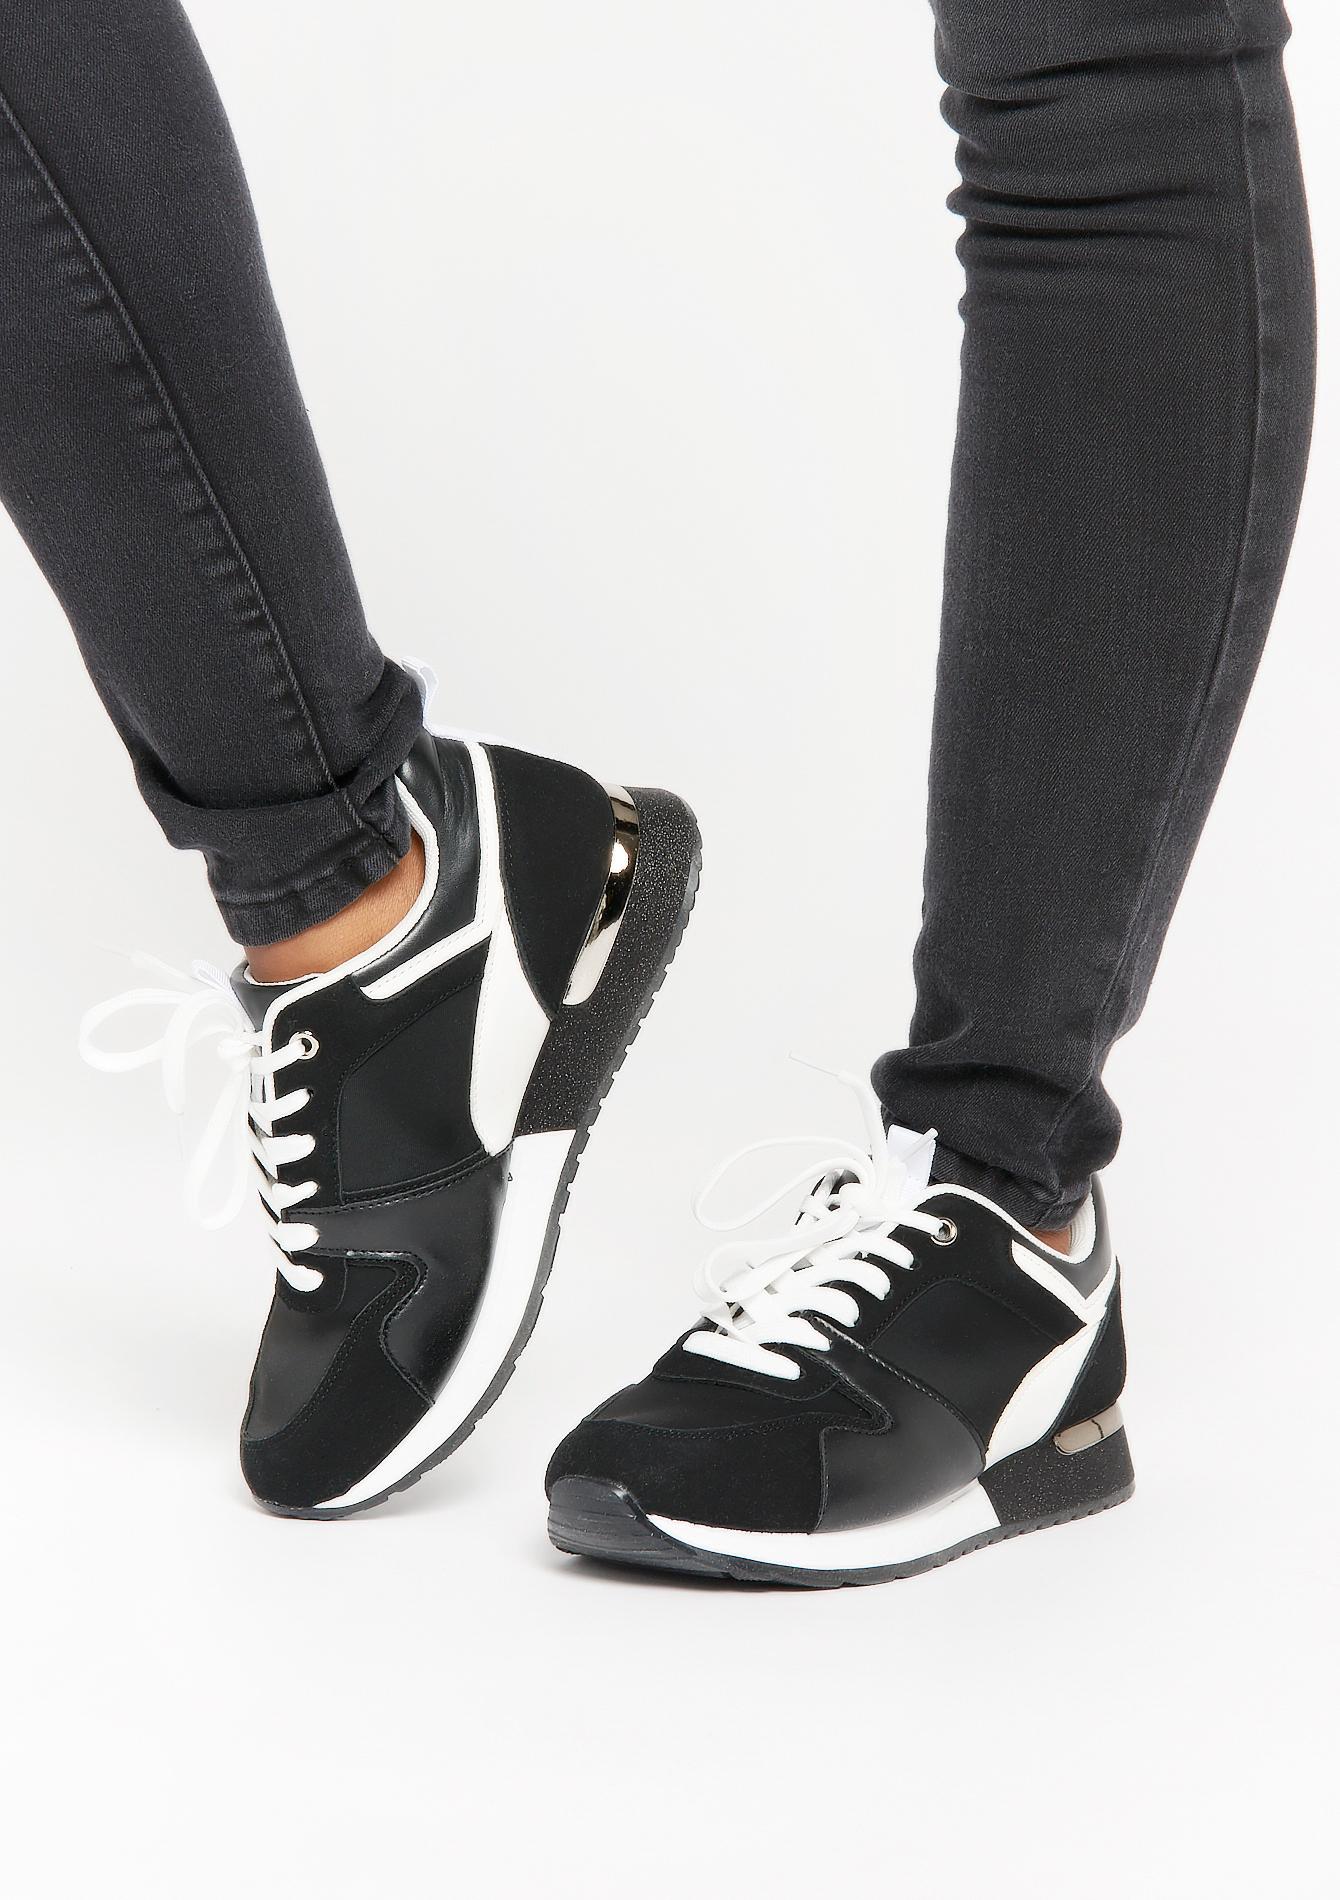 Basketsà lacets